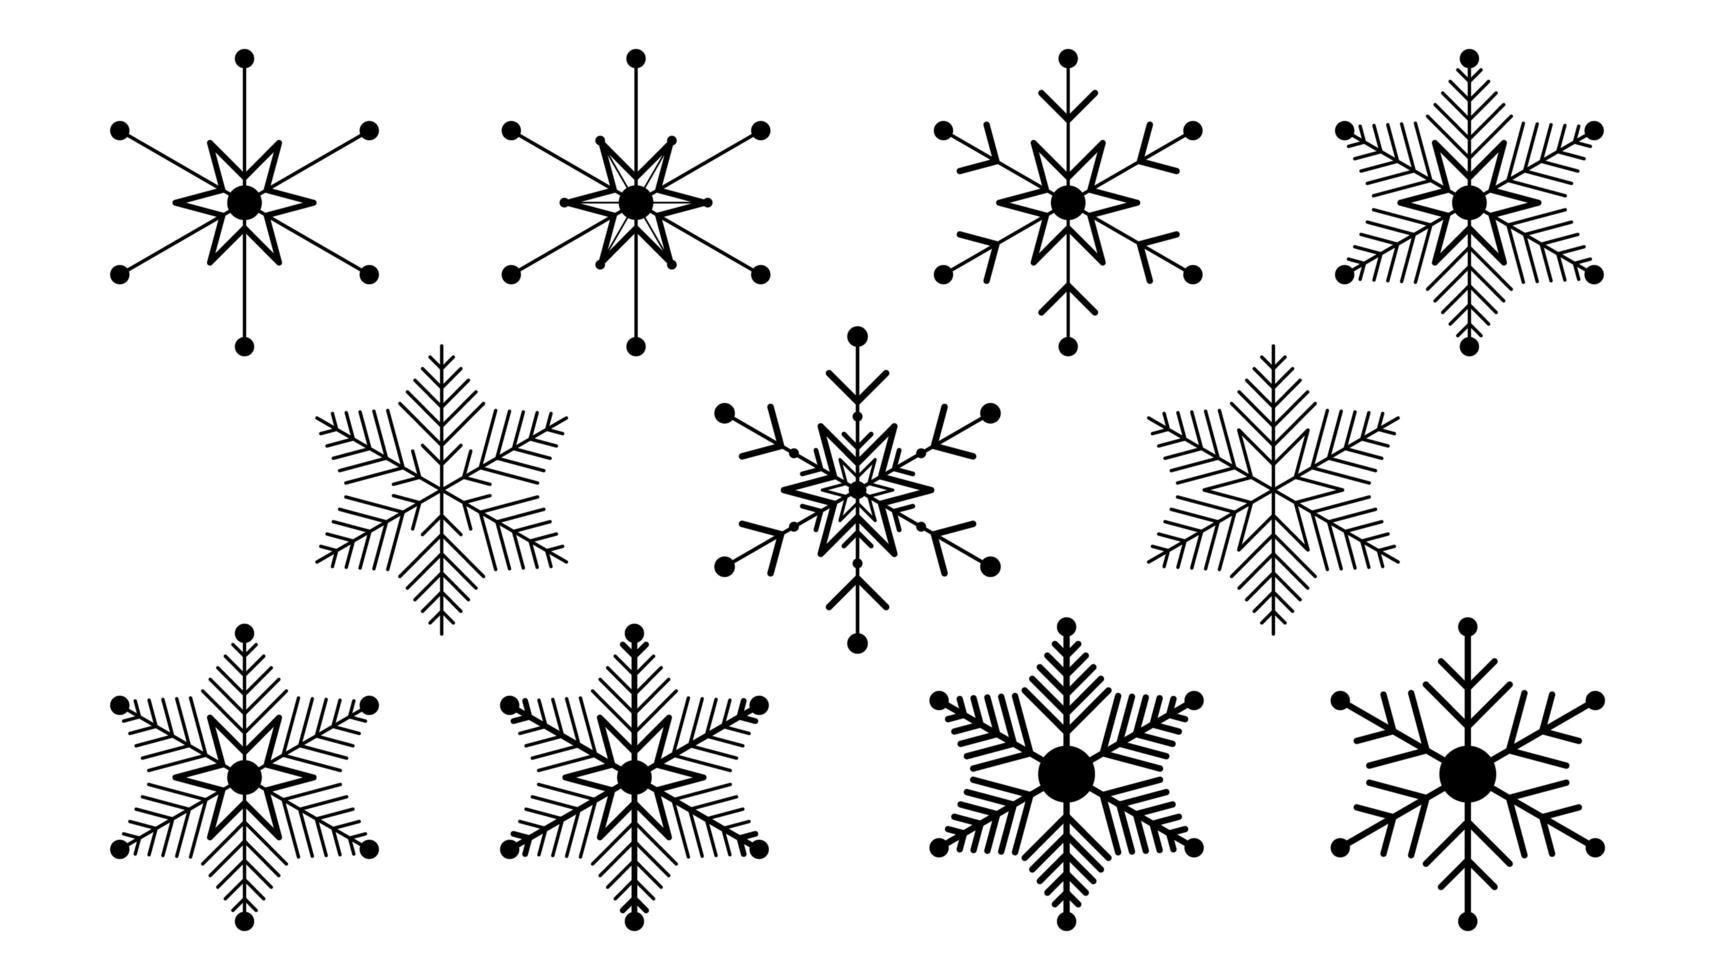 vecteur grand ensemble d'éléments de conception de flocon de neige noir sur fond blanc. différents modèles.